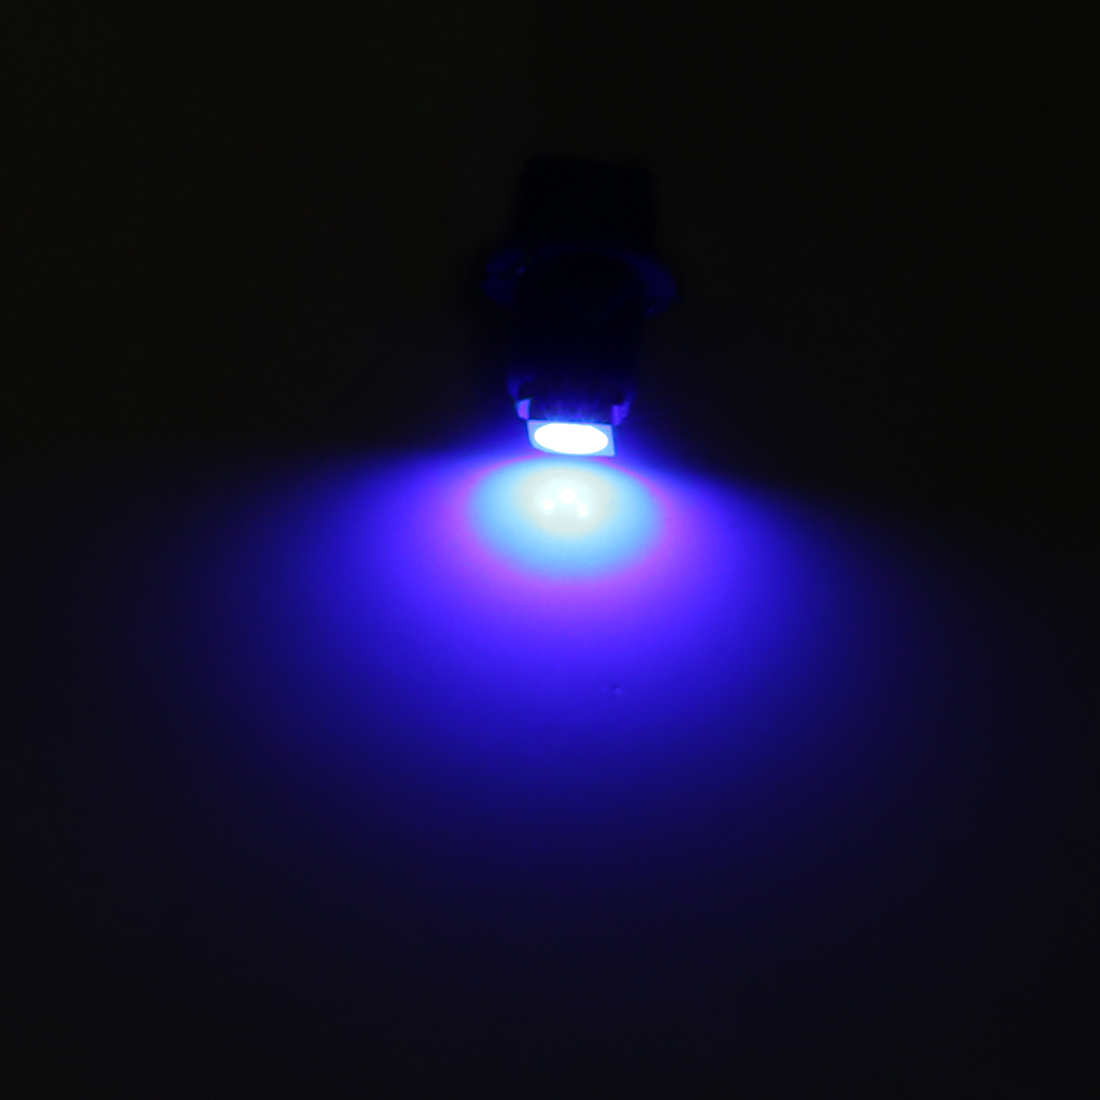 6pcs T5 LED Bulb Light 5050 SMD Car Instrument Cluster Blue Lamp Interior DC 12V - image 2 de 4